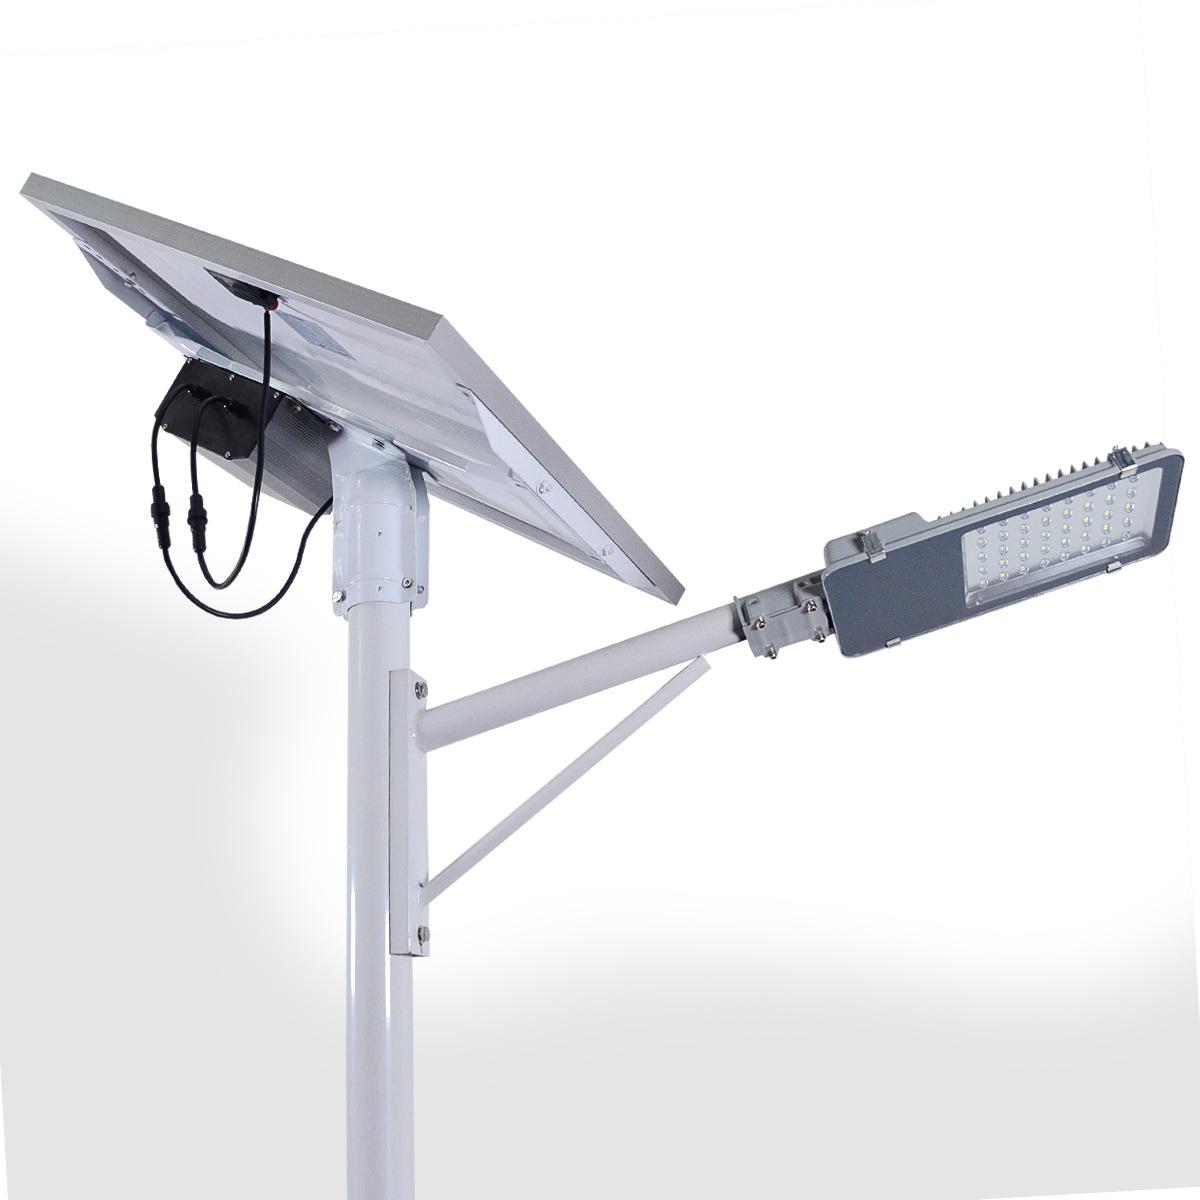 XINGKAI Đèn đường chiếu sáng dùng năng lượng mặt trời